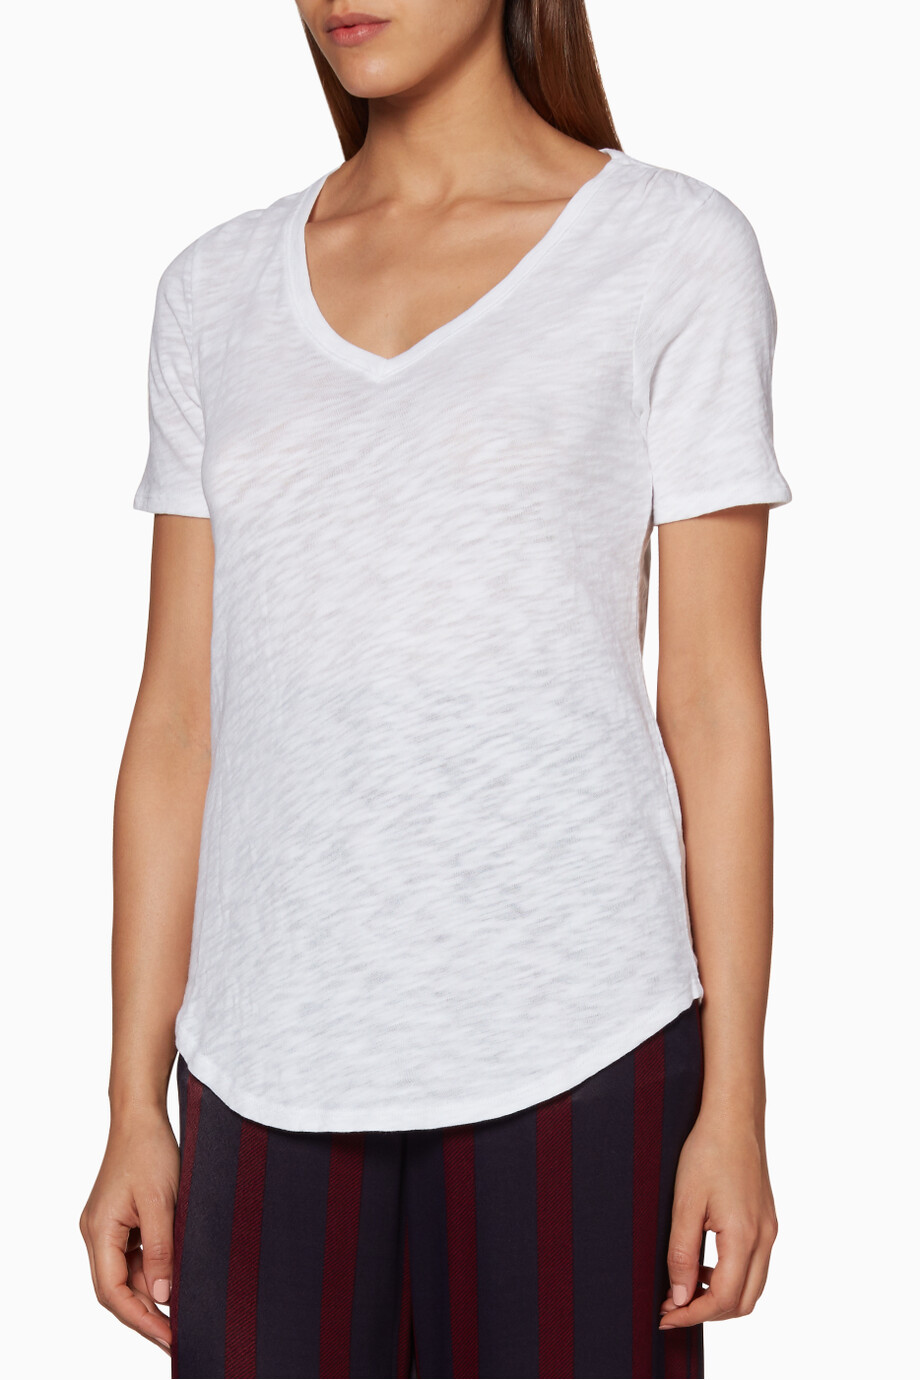 fd7d1799 Shop ATM White White V-Neck T-Shirt for Women | Ounass